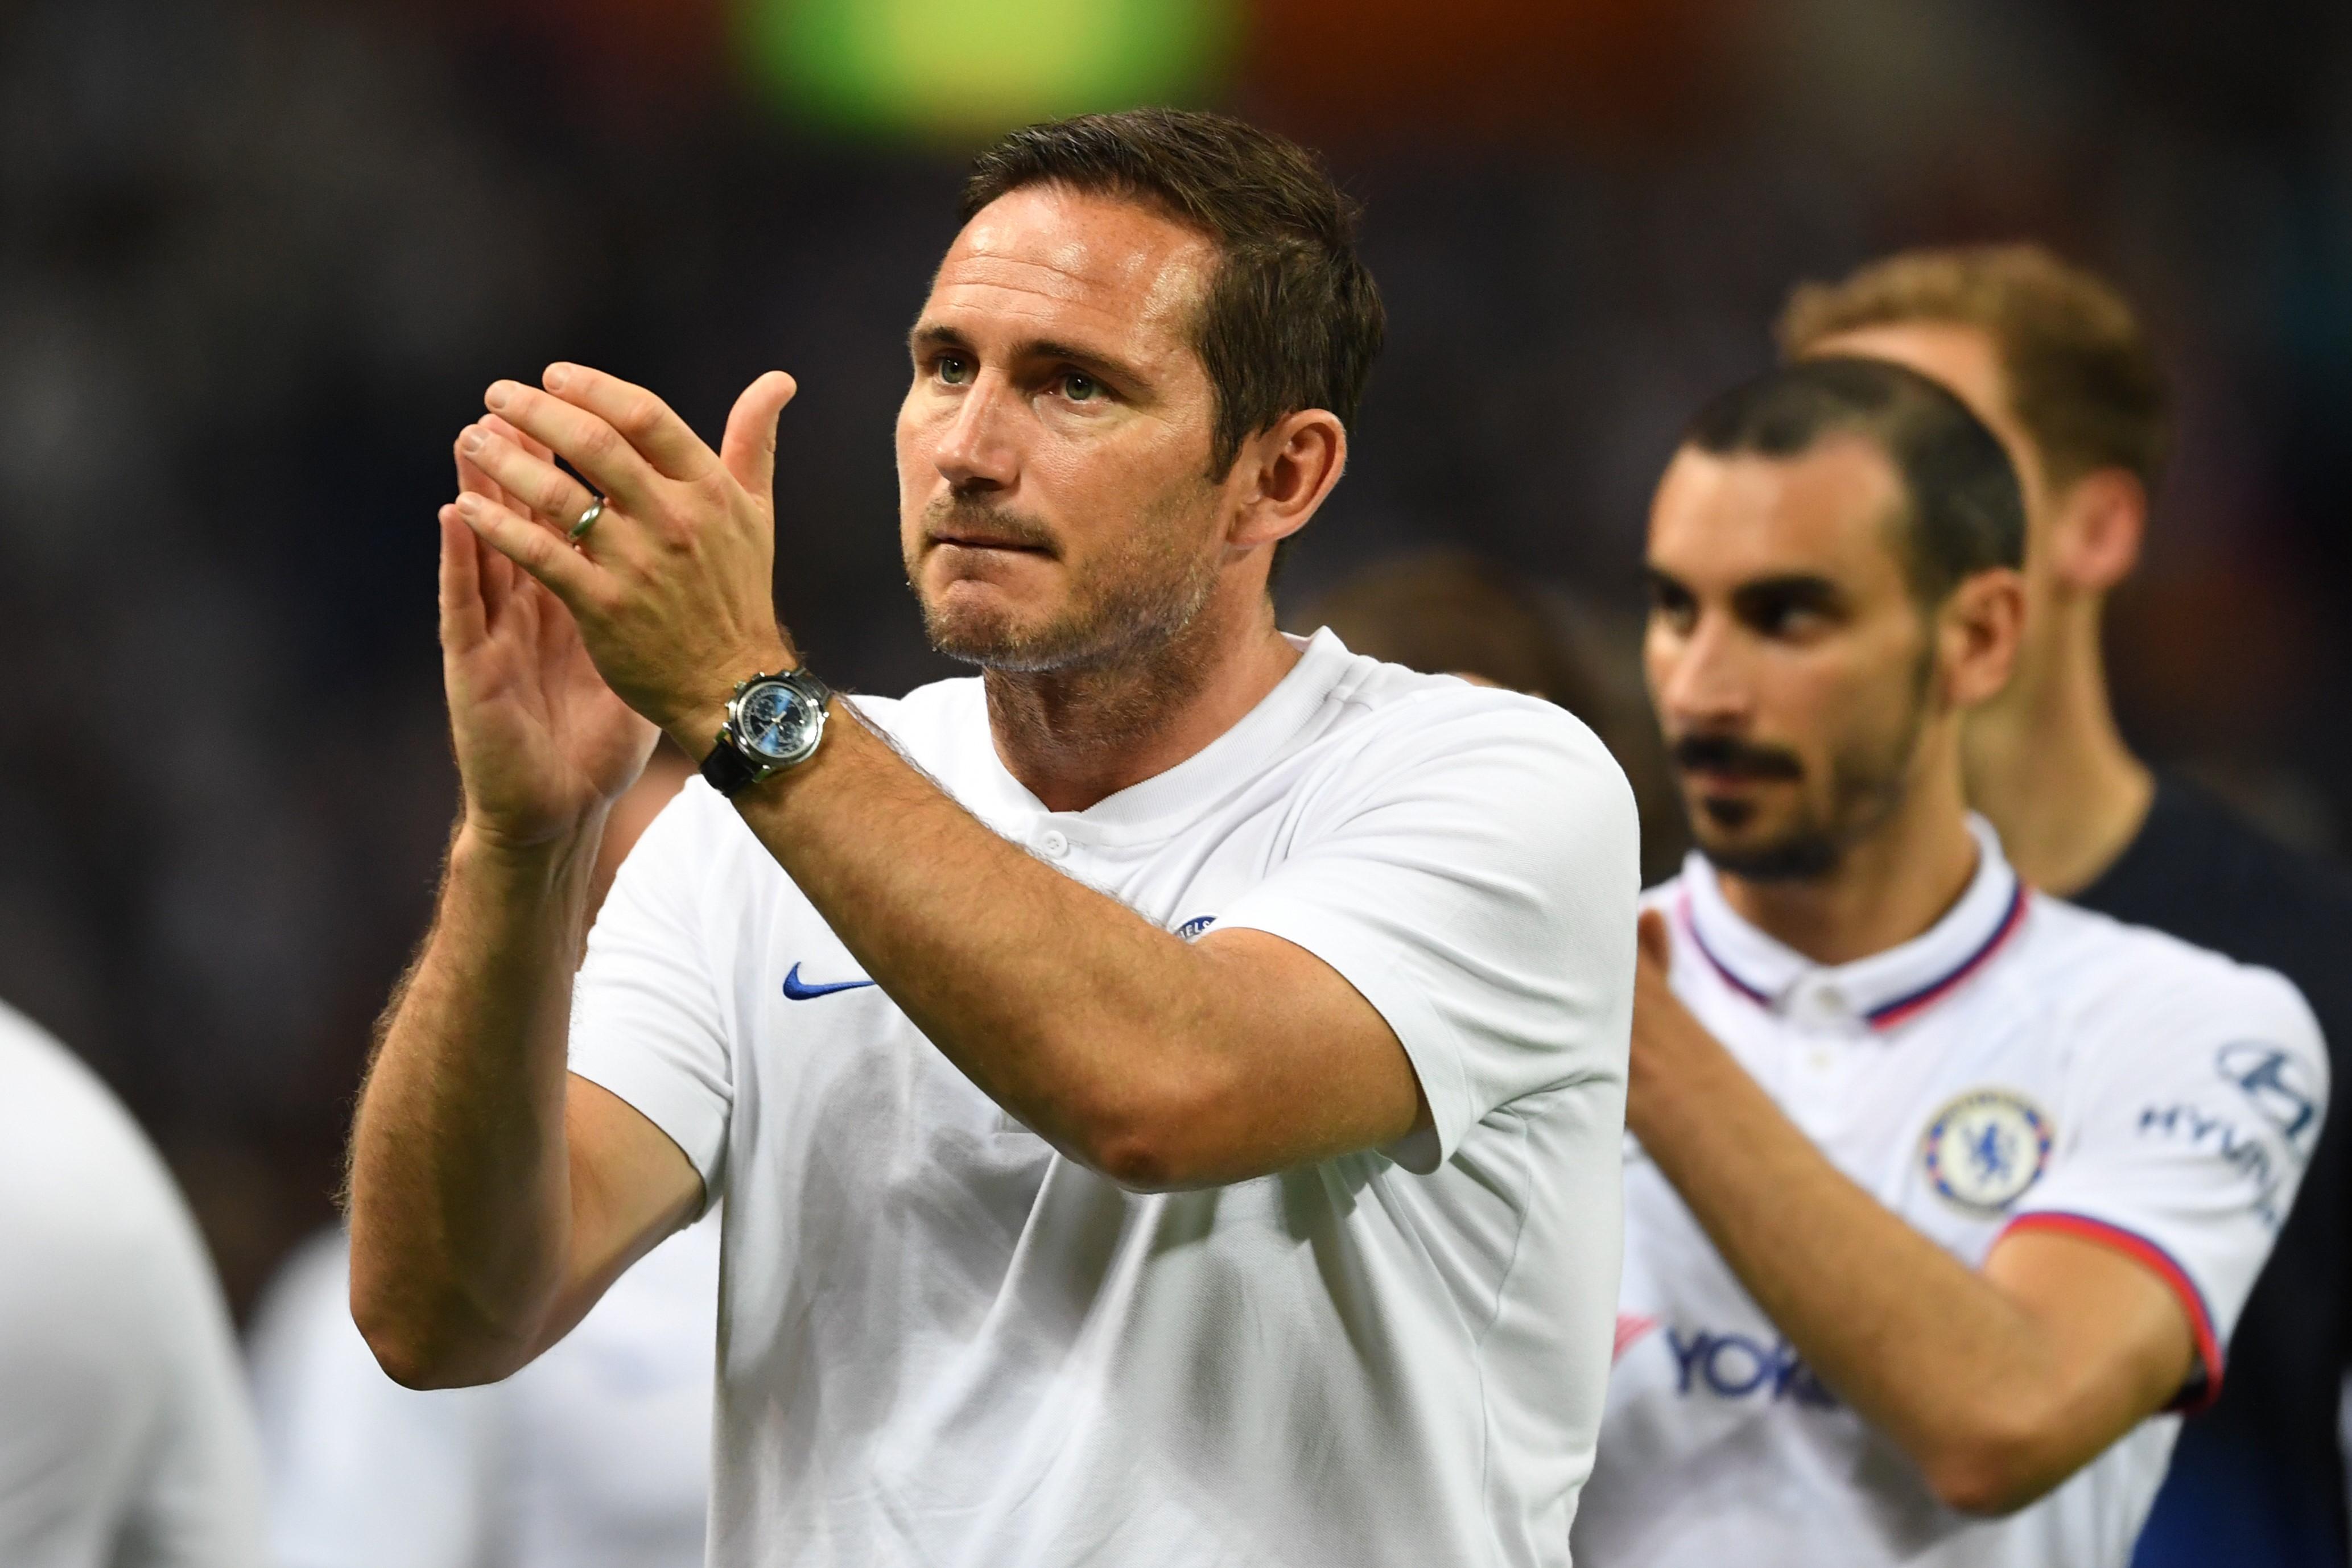 Frank Lampard, Chelsea'ye menajer olarak geri döndü ve bu sezon takımın başında olacak.